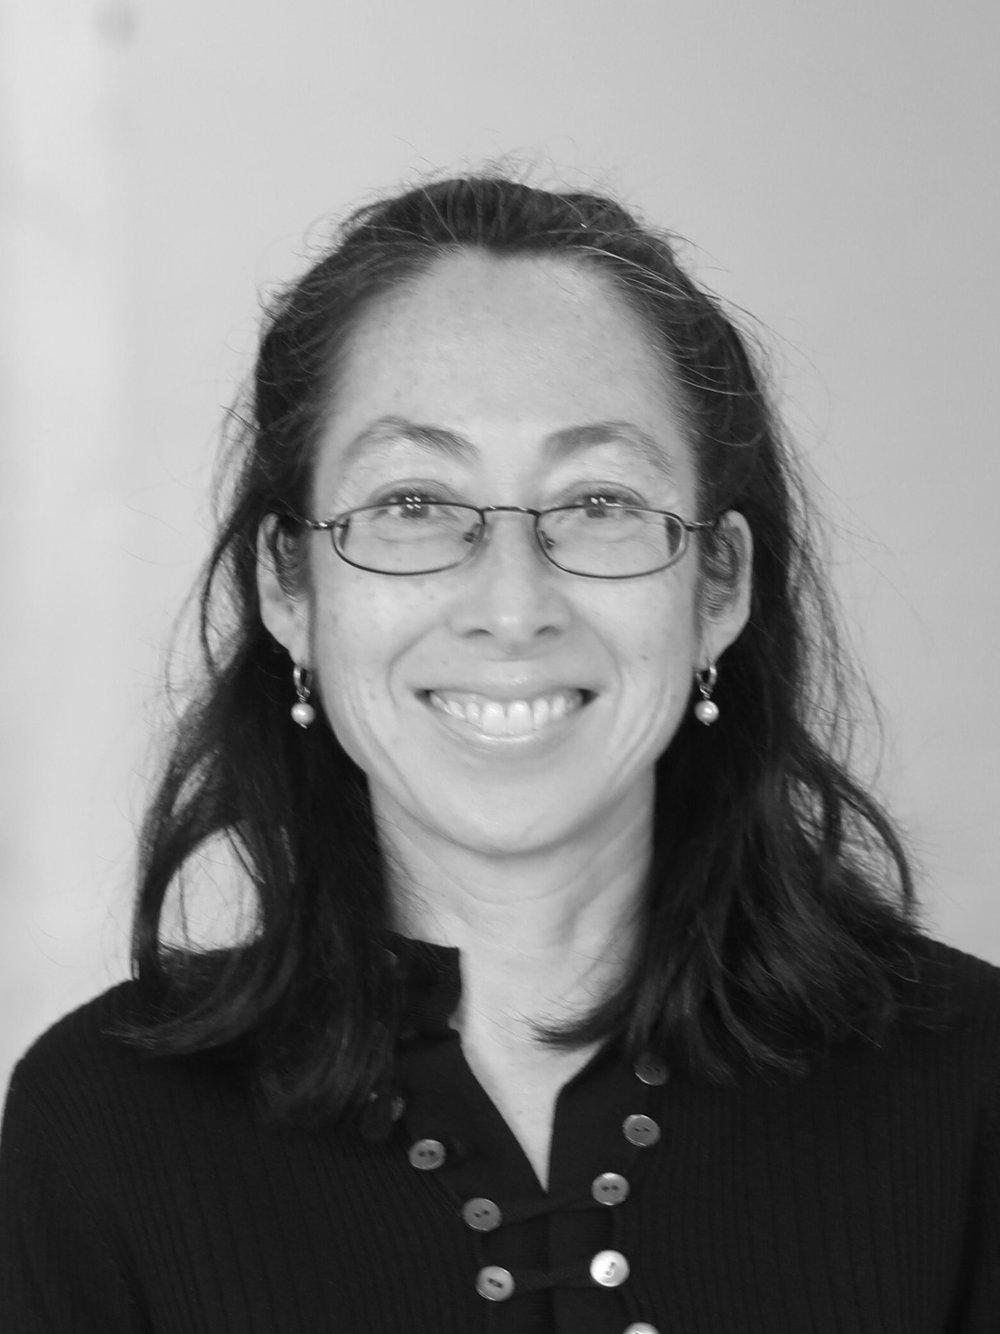 Kei Hayashi